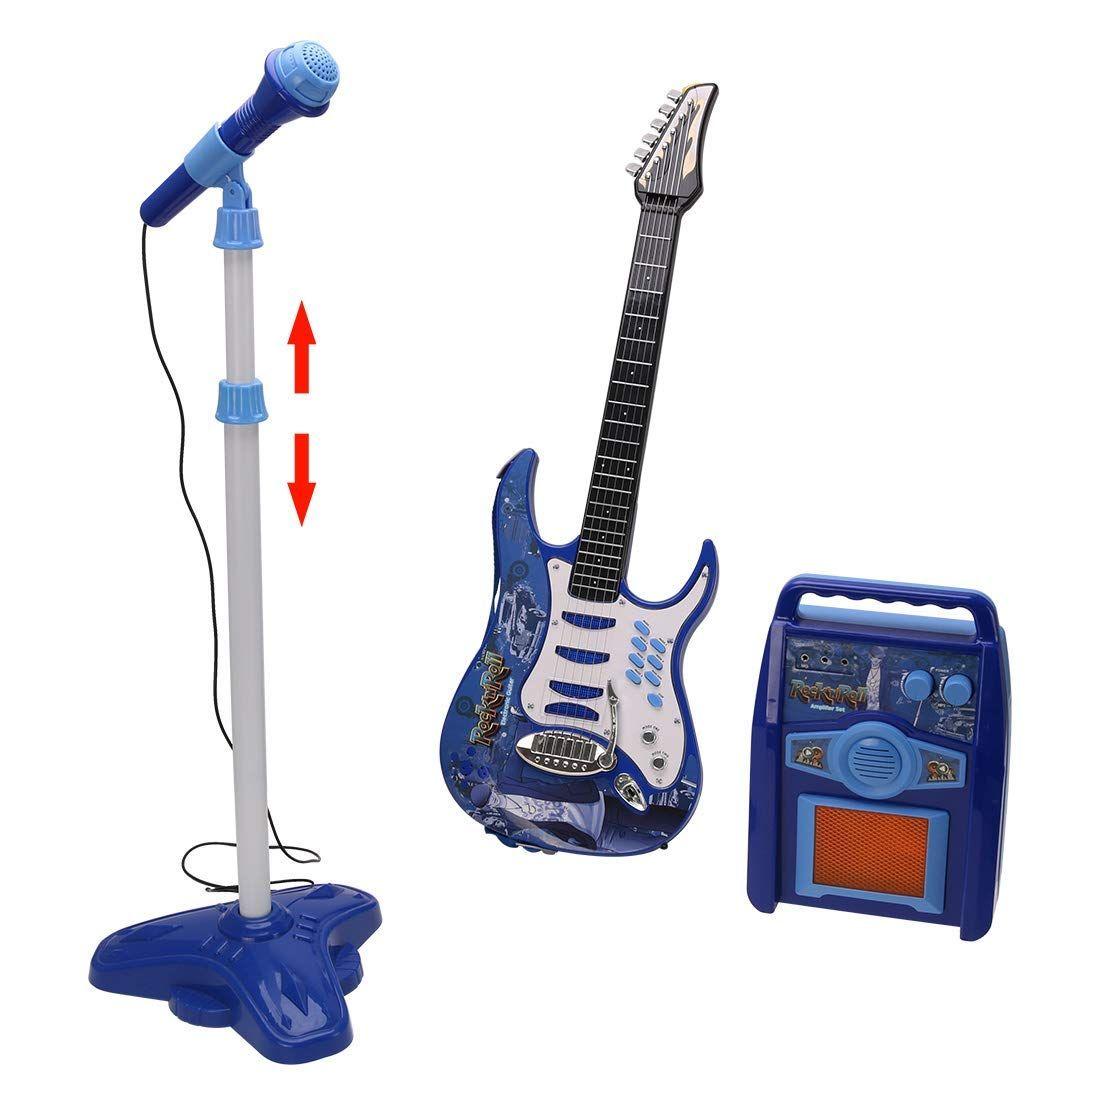 Tosbess Juguete Musical Guitarra Micro Bafle Electrónico Flash Amazon Es Juguetes Y Juegos Musicales Para Niños Karaoke Juguetes Musicales